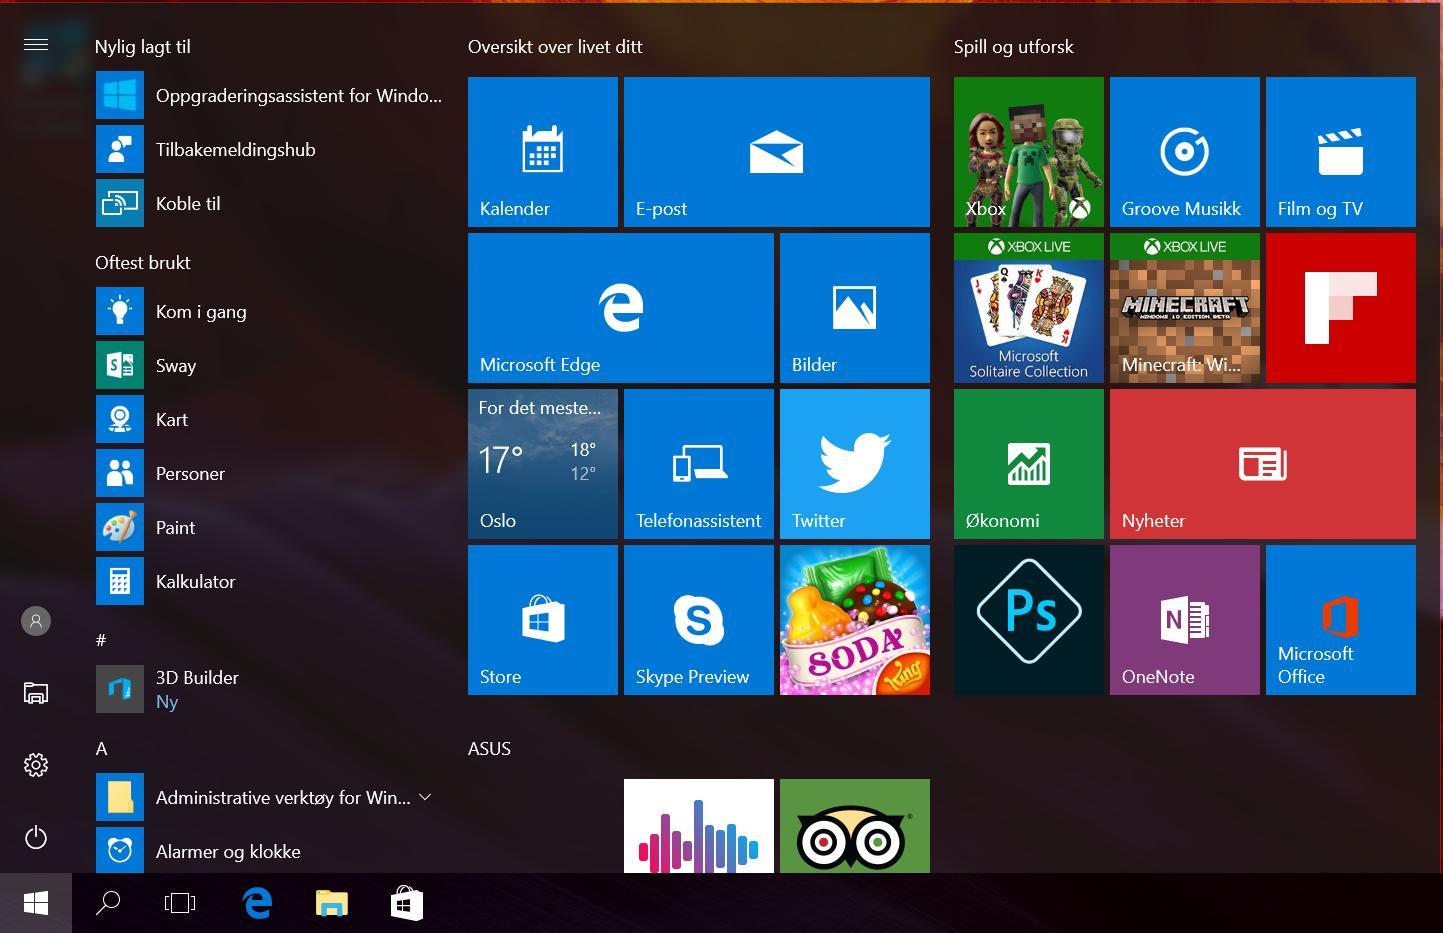 Startmenyen i Windows 10 har blitt ny.